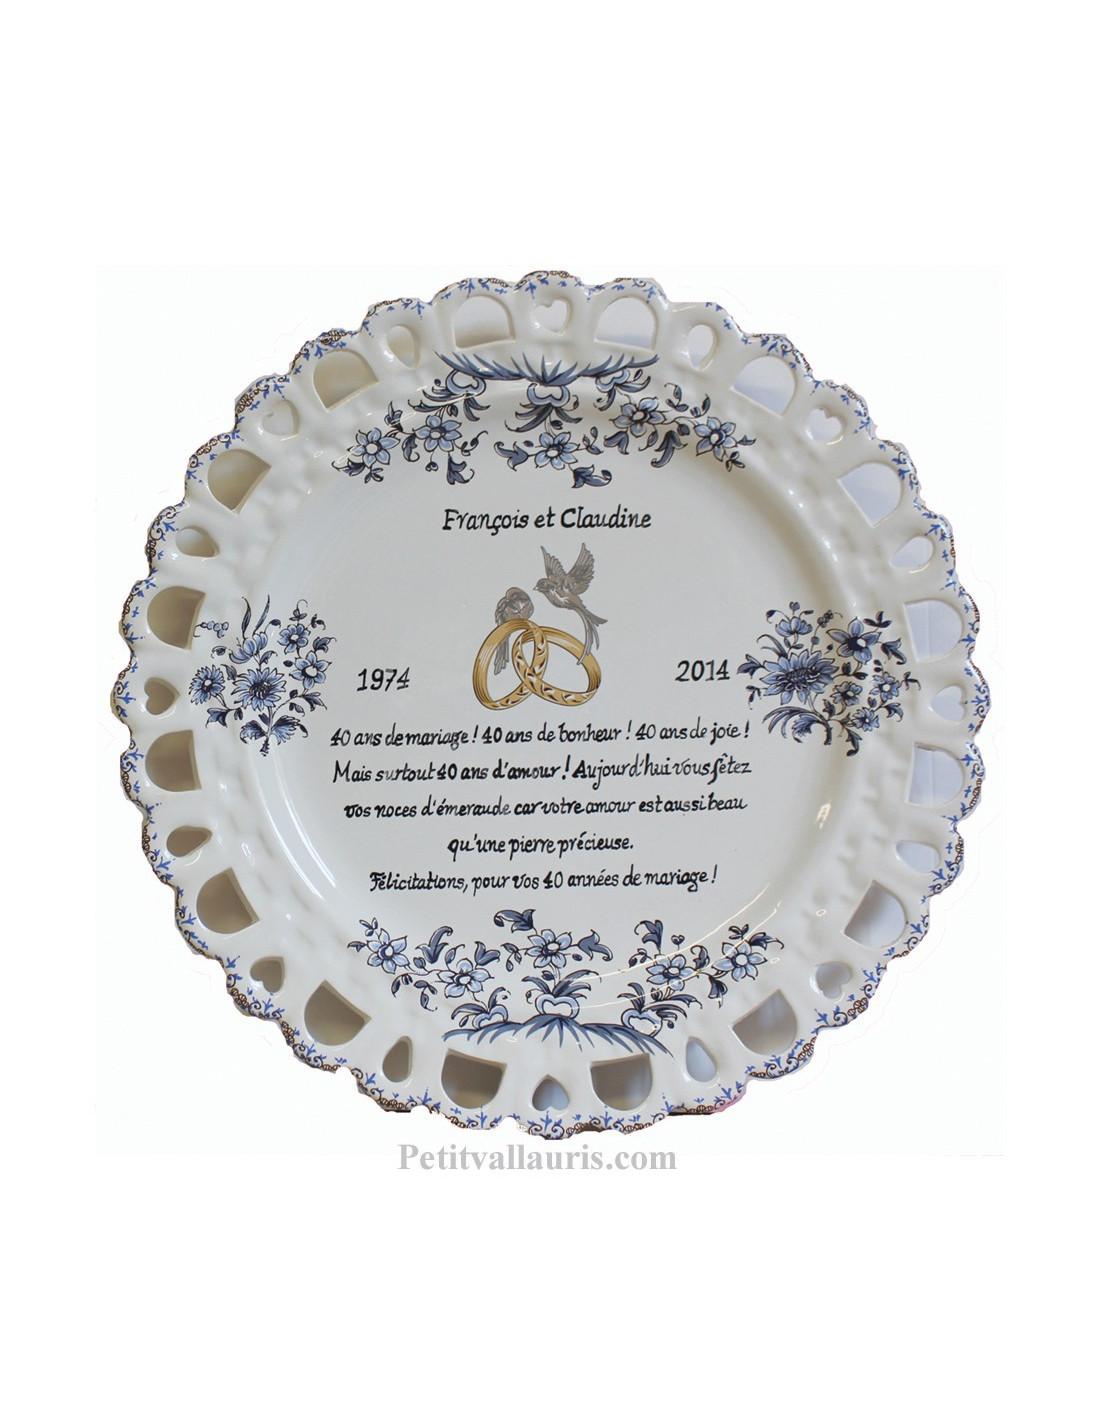 Assiette de mariage mod le tournesol bleu po me noces d 39 meraude personnalis le petit vallauris - Anniversaire de mariage noce ...